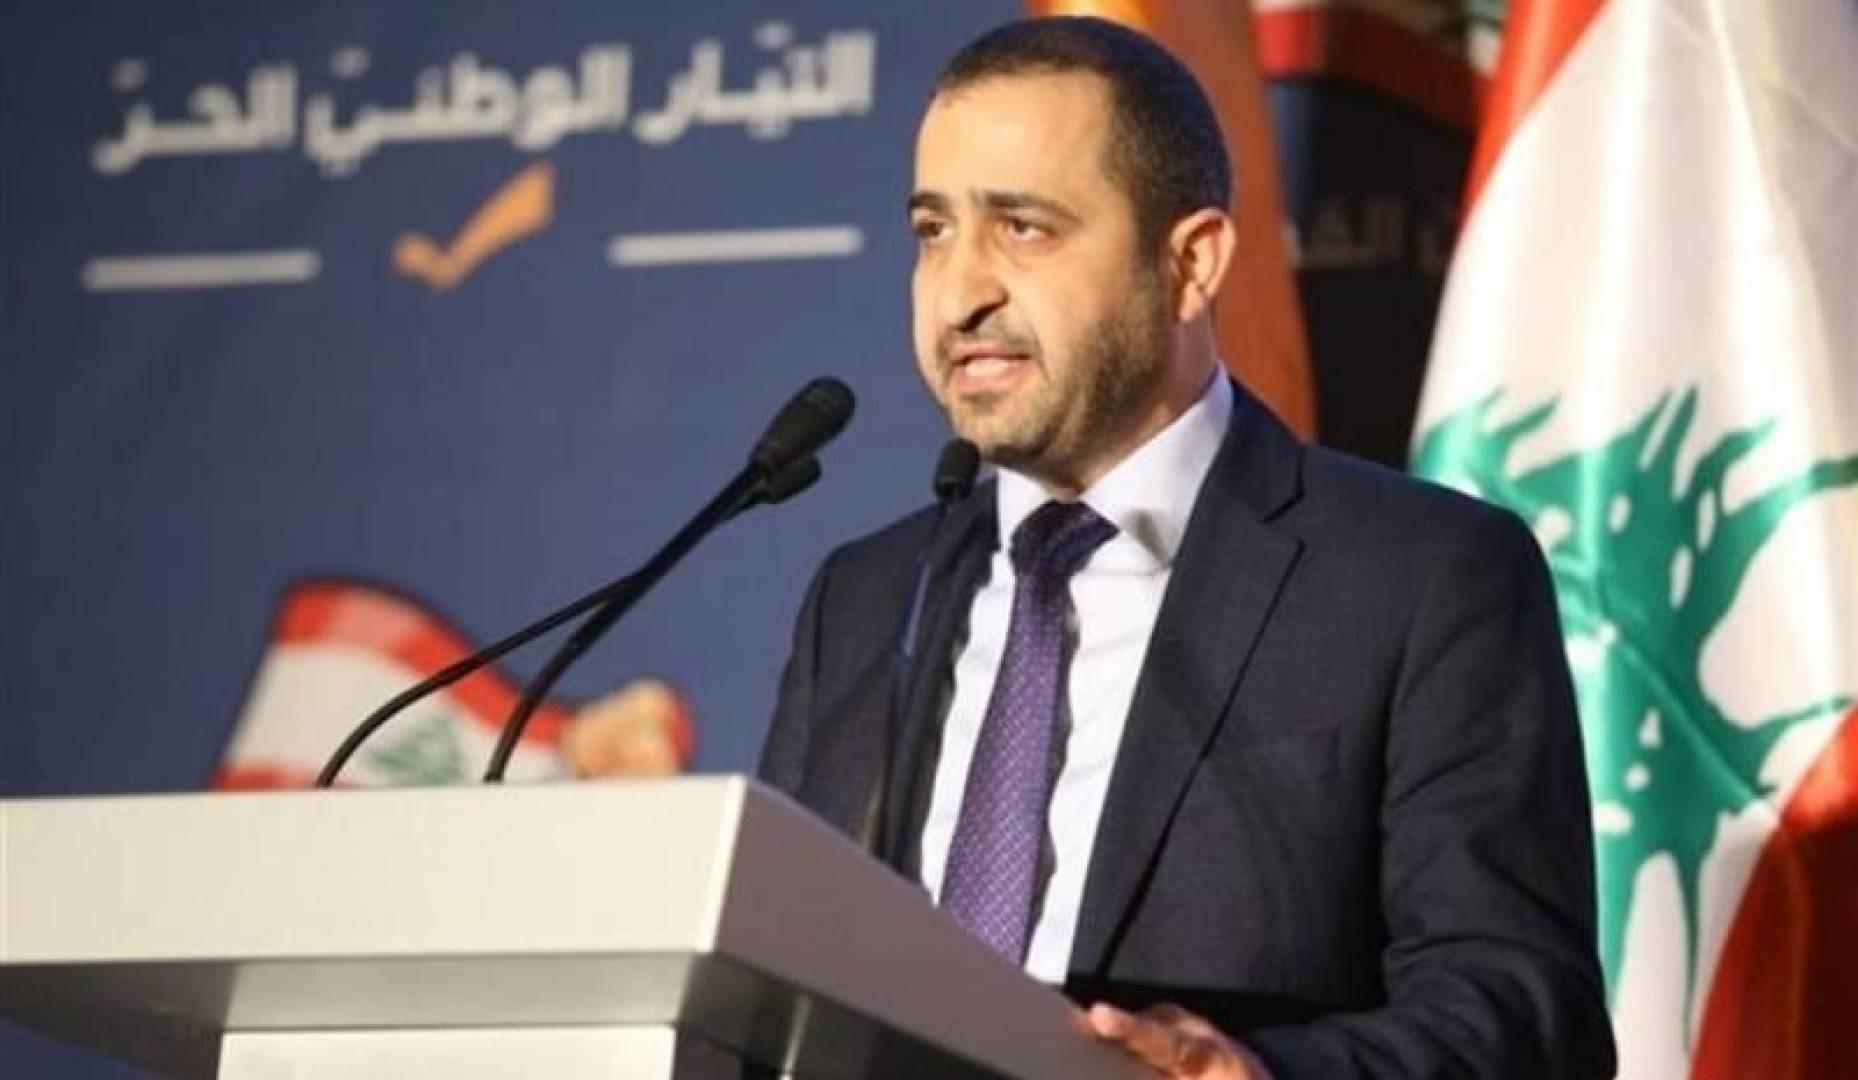 عطالله للميادين: ما جرى الاتفاق عليه مع الحريري والخطيب عاد إلى نقطة الصفر